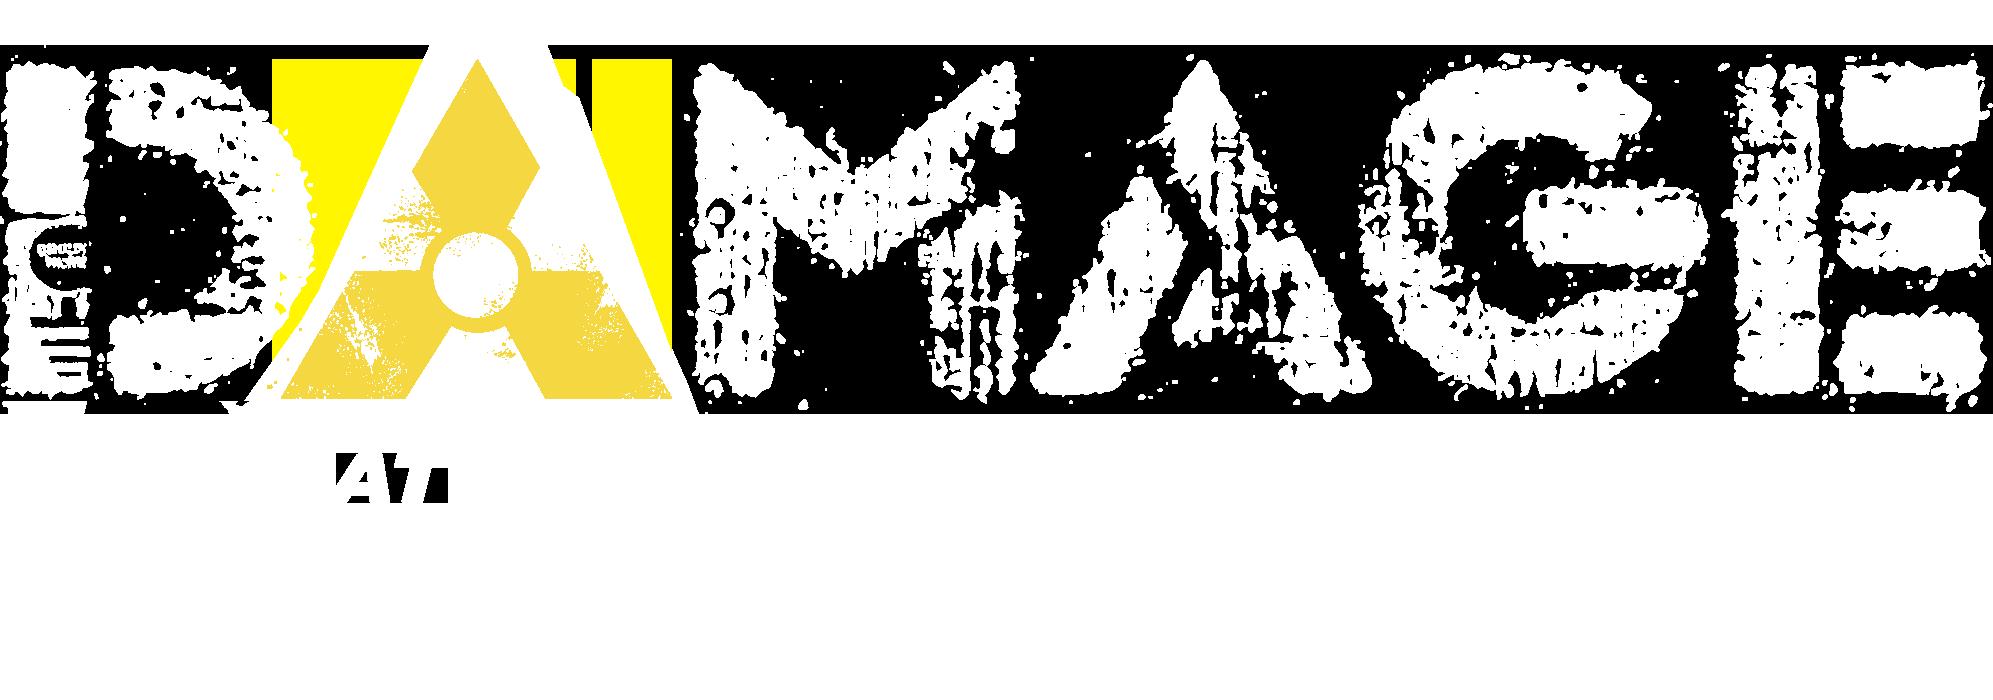 damage-redblue